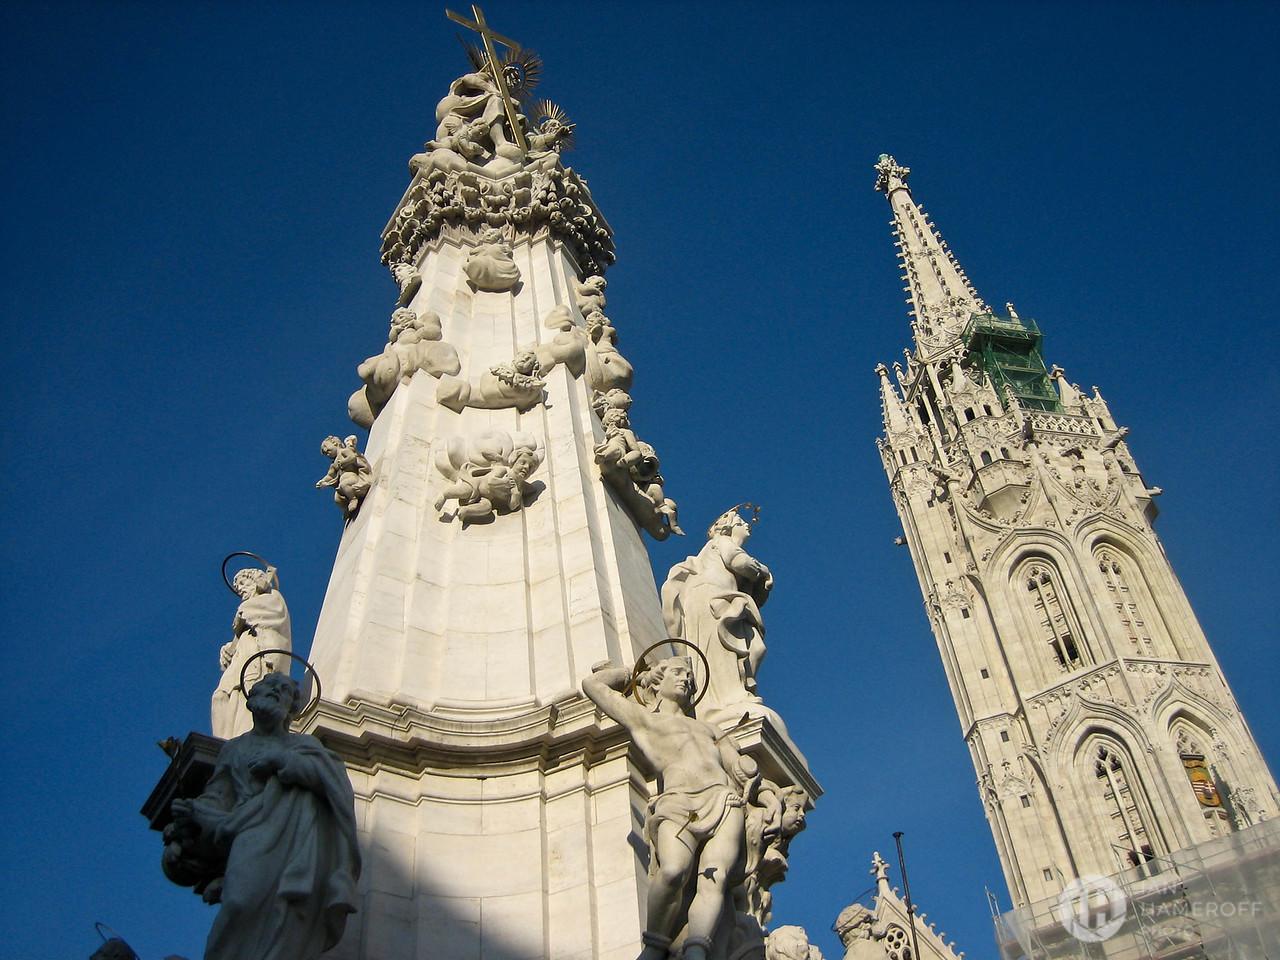 Trinity Column and Matthias Church